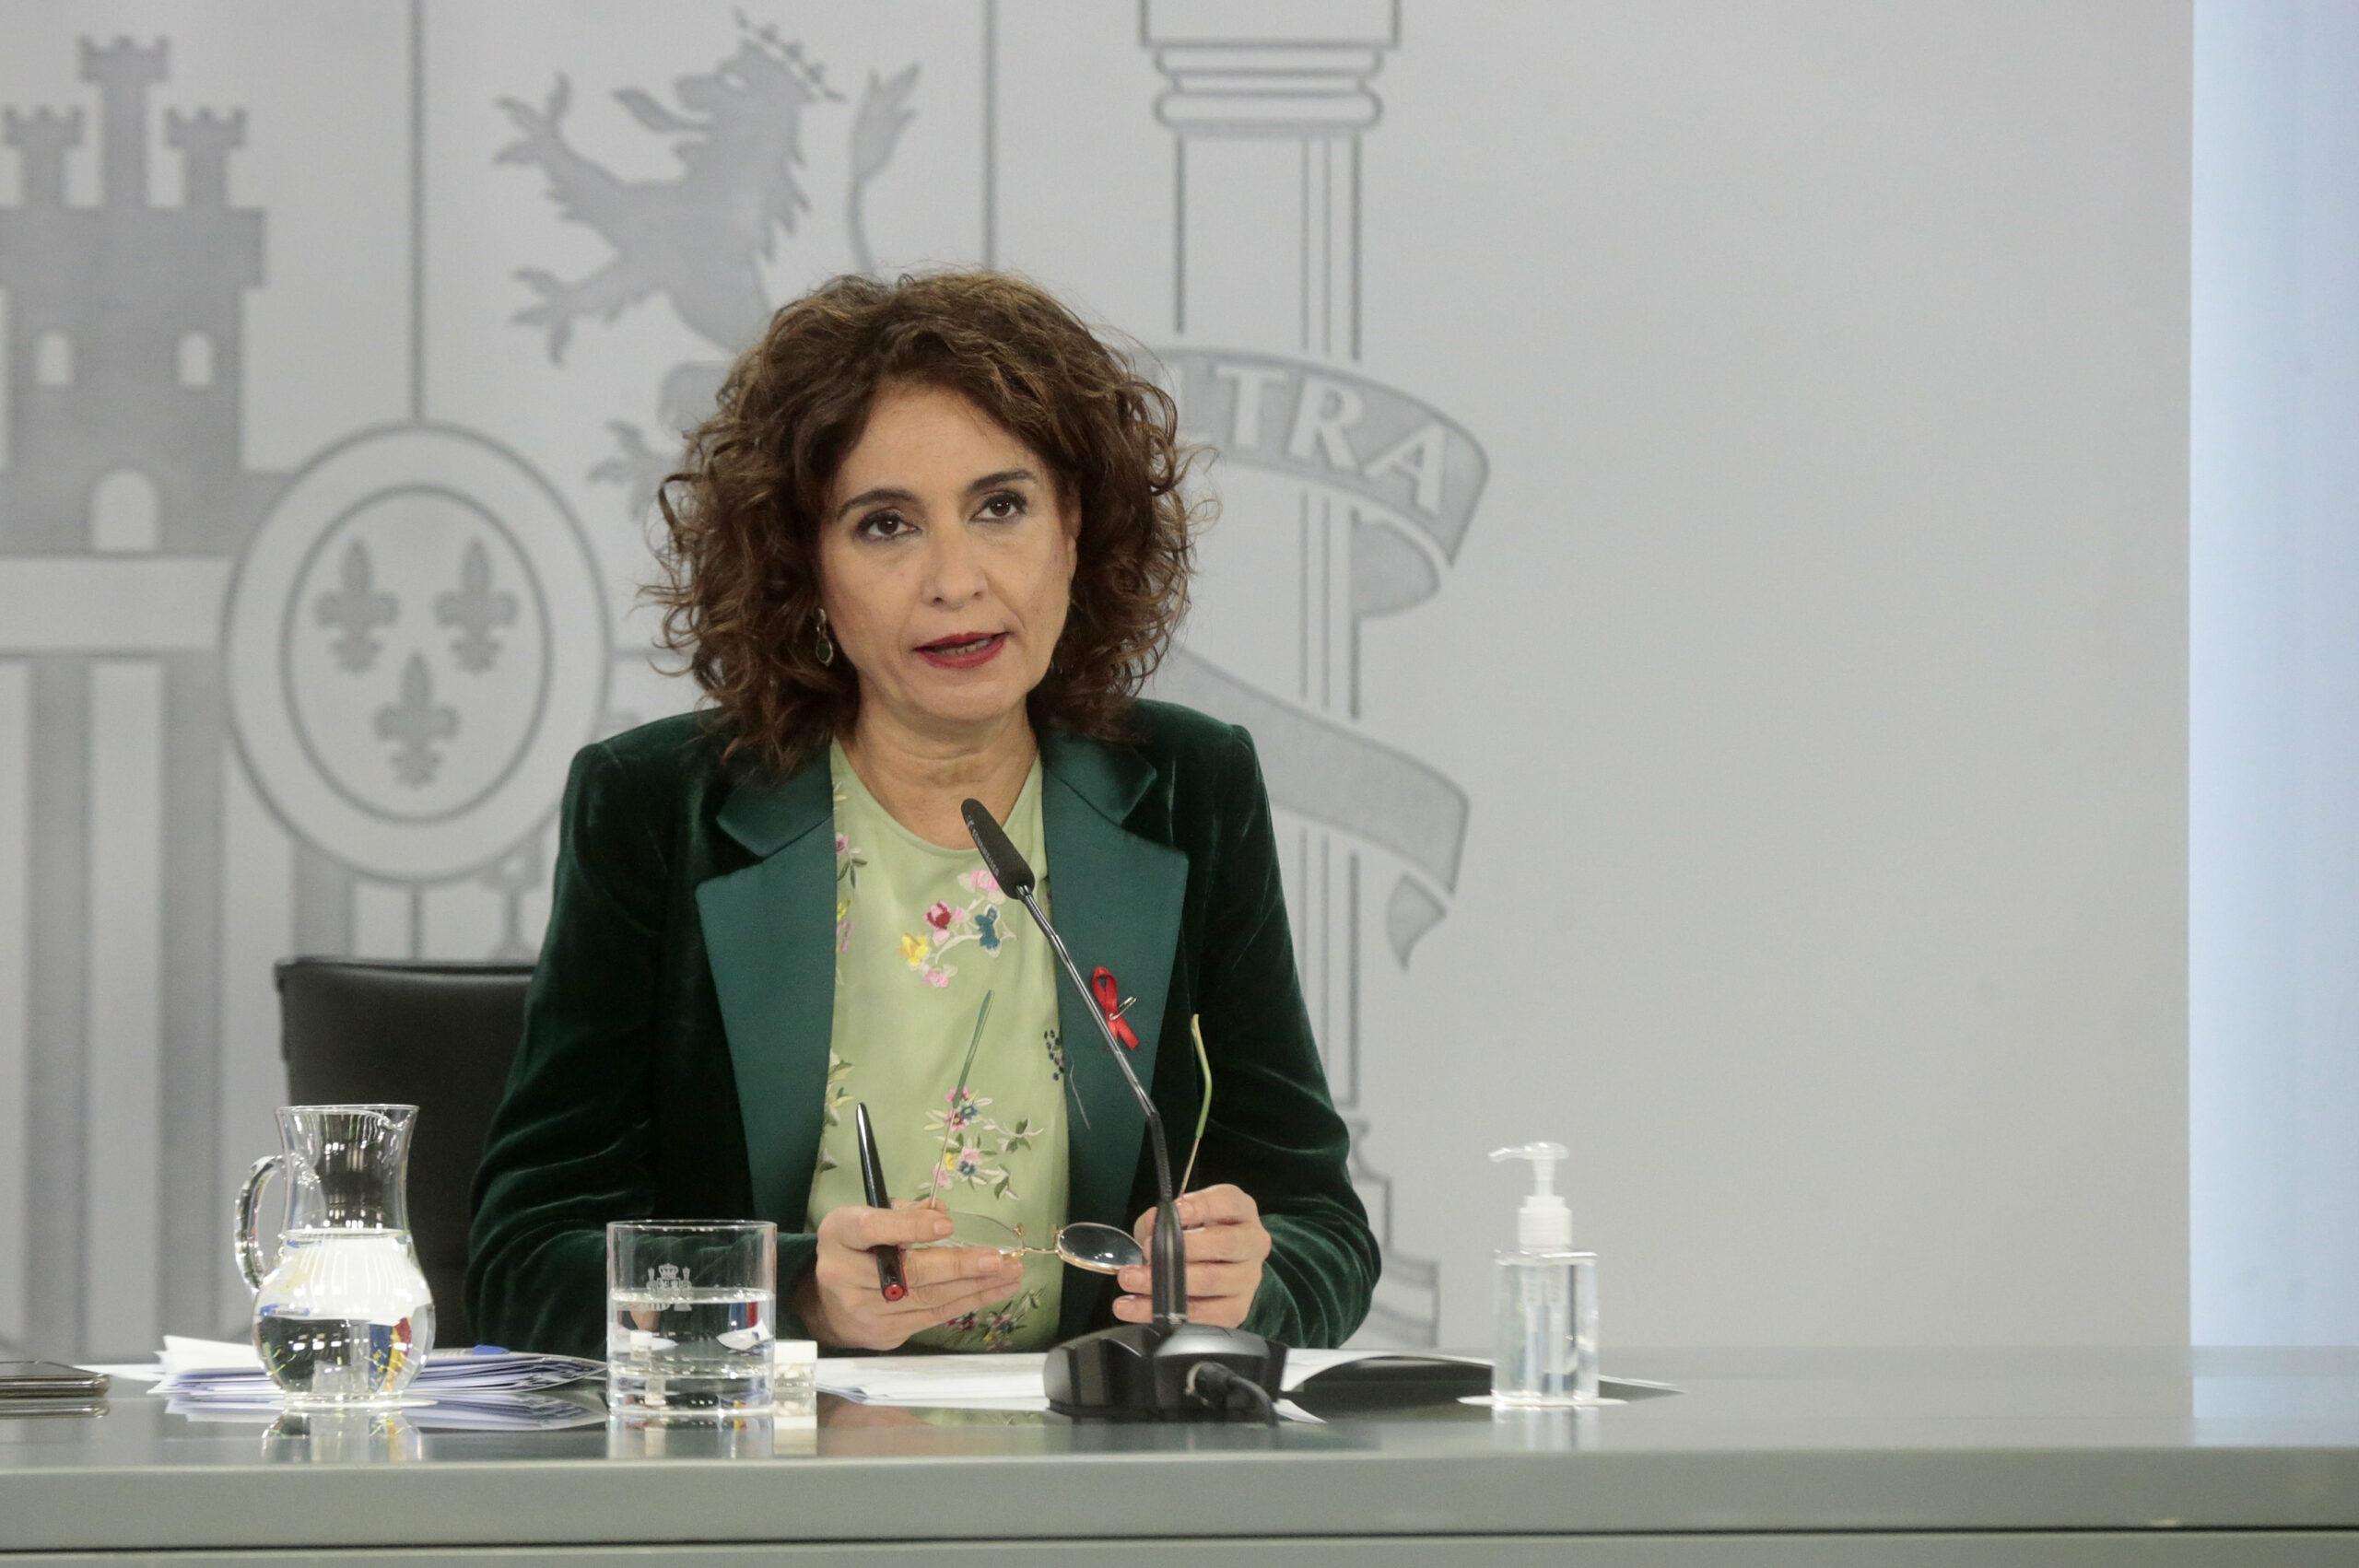 La portaveu del govern espanyol i ministra d'Hisenda, María Jesús Montero | ACN